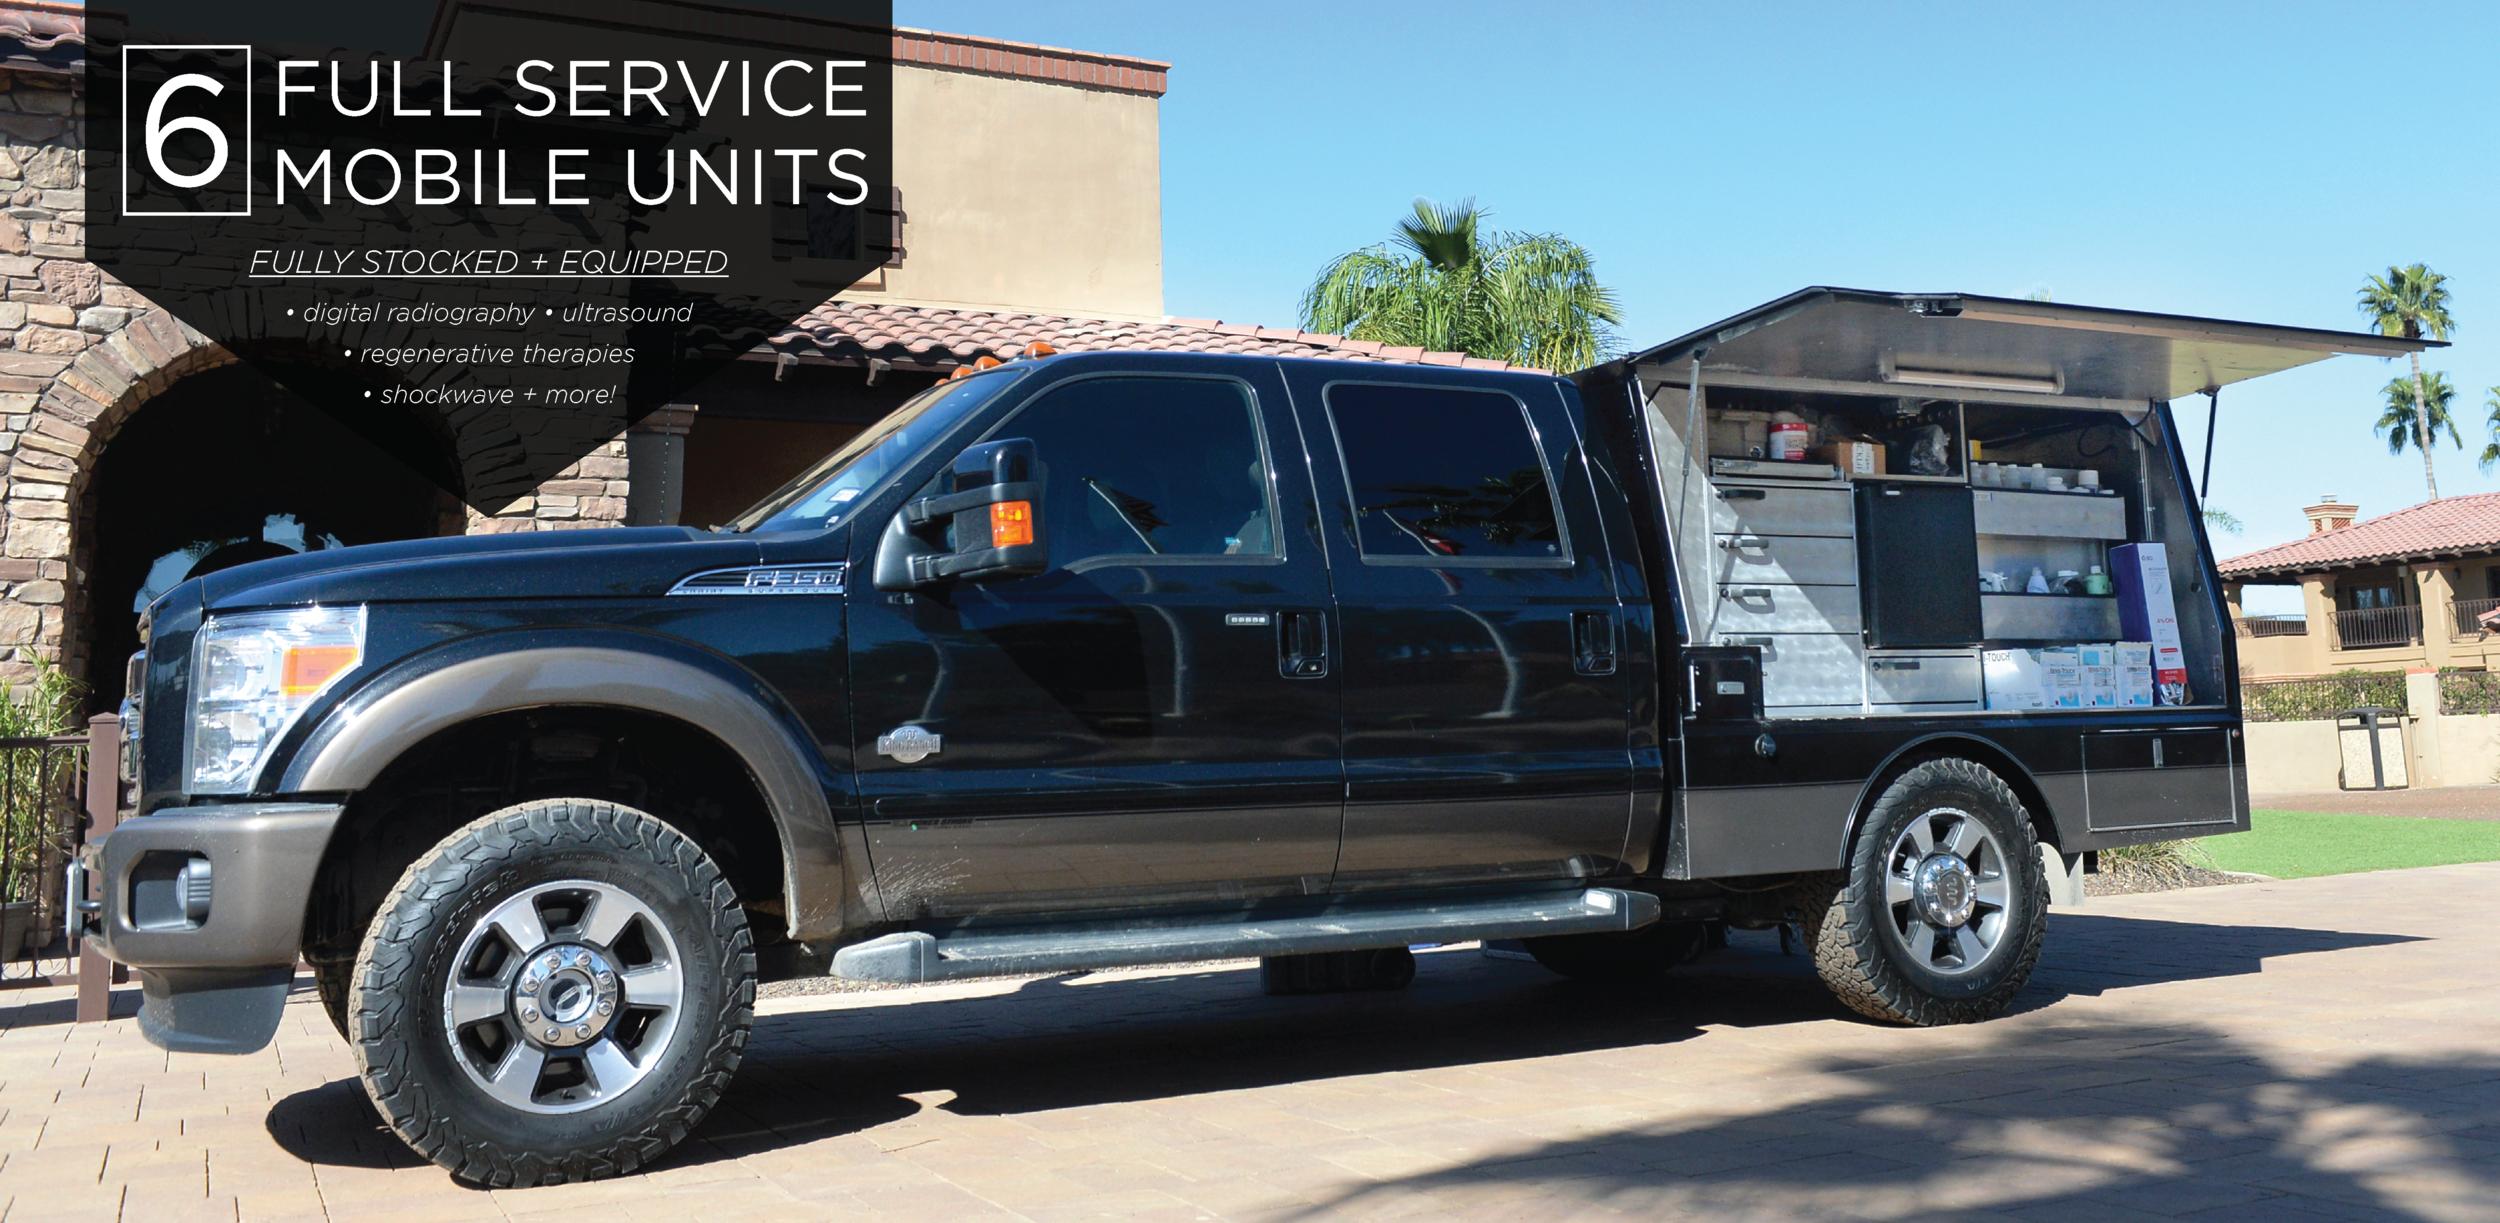 Full Service Mobile Veterinary Trucks